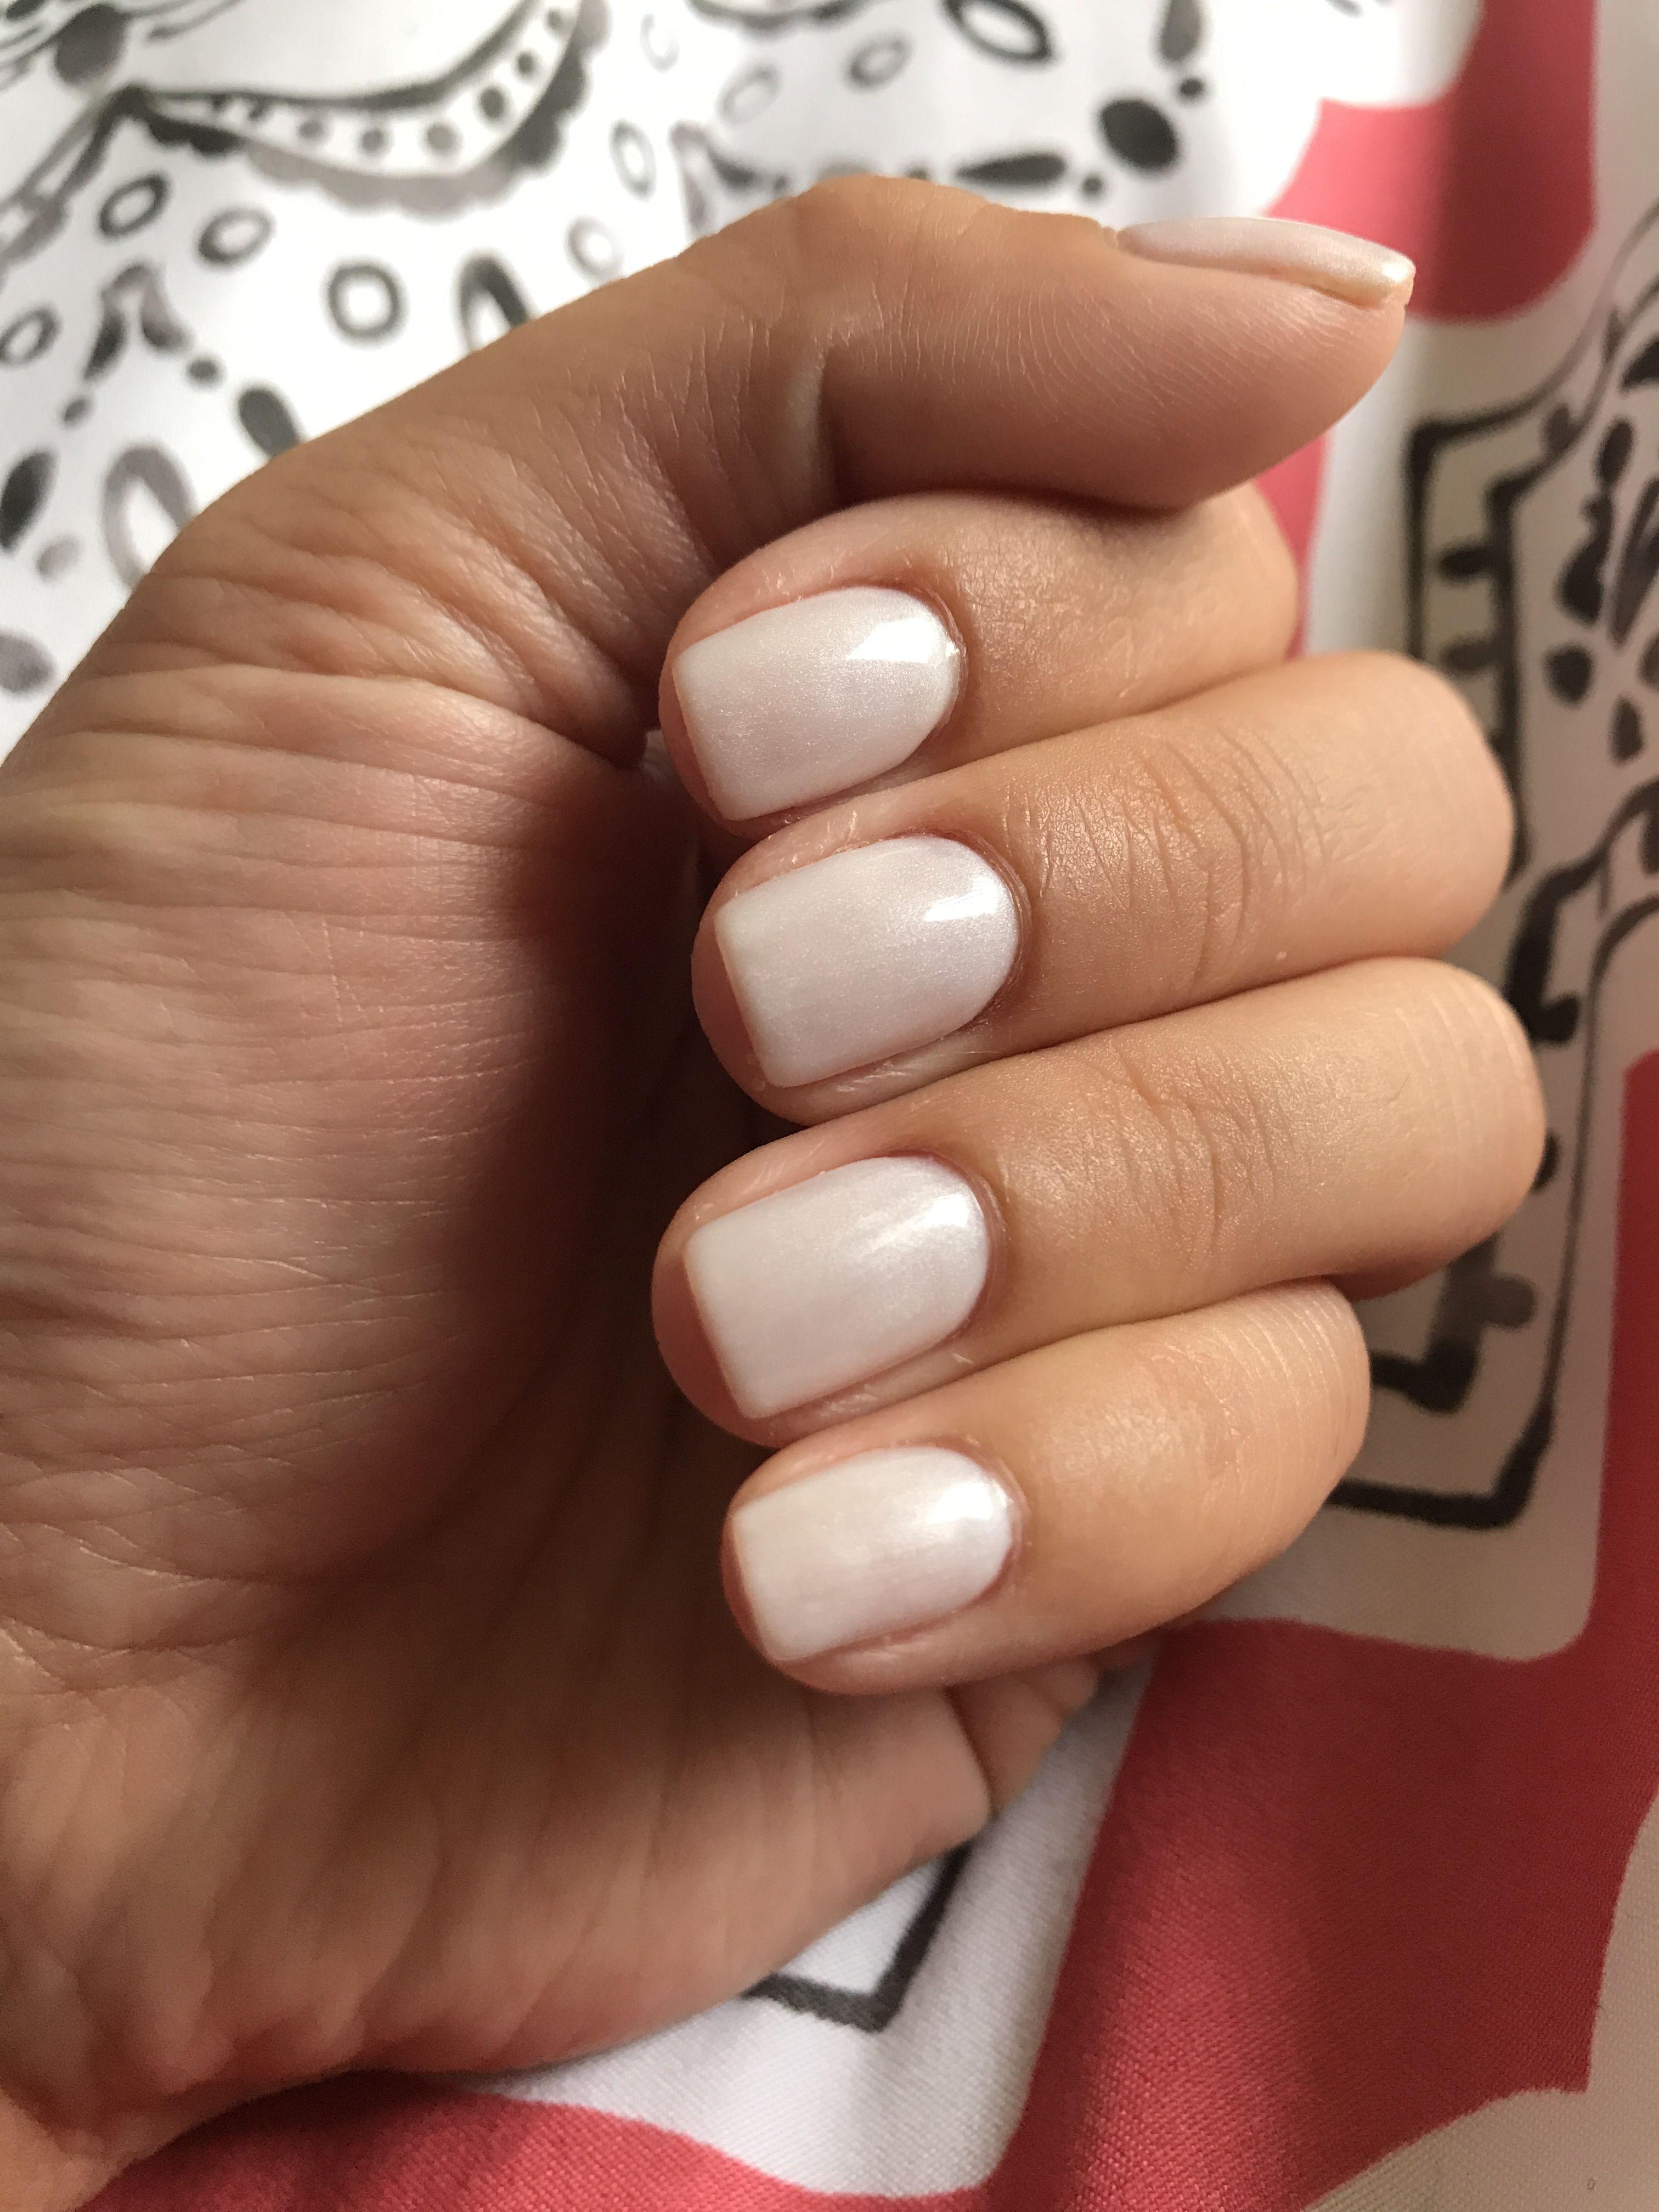 OPI Funny Bunny and Kyoto Pearl | Nails, nails, nails | Pinterest ...